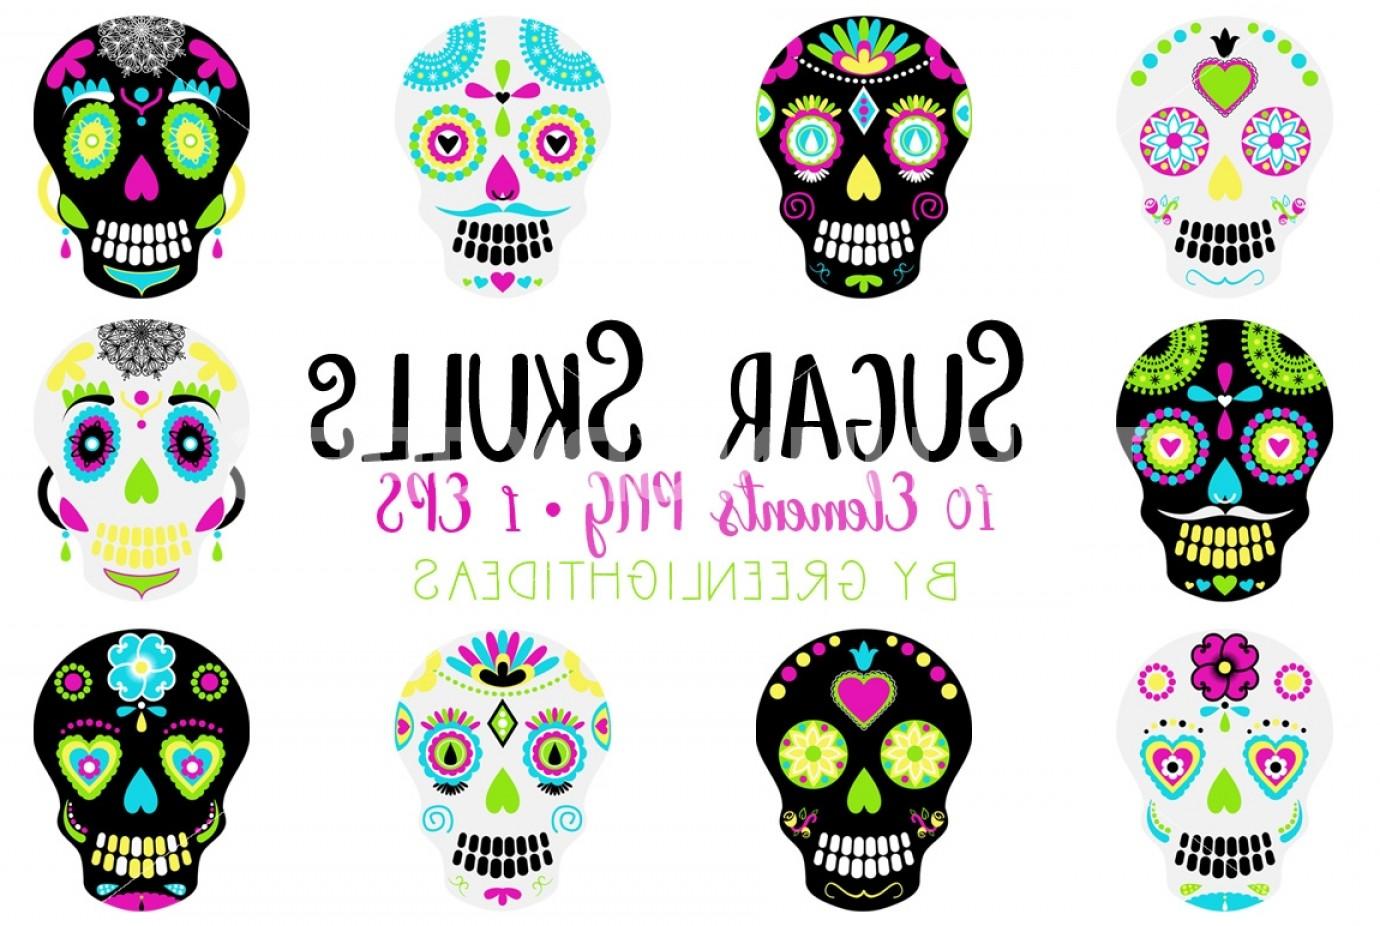 Sugar Skulls Clipart Day Of The Dead Clipart Sugar Skulls Vector.